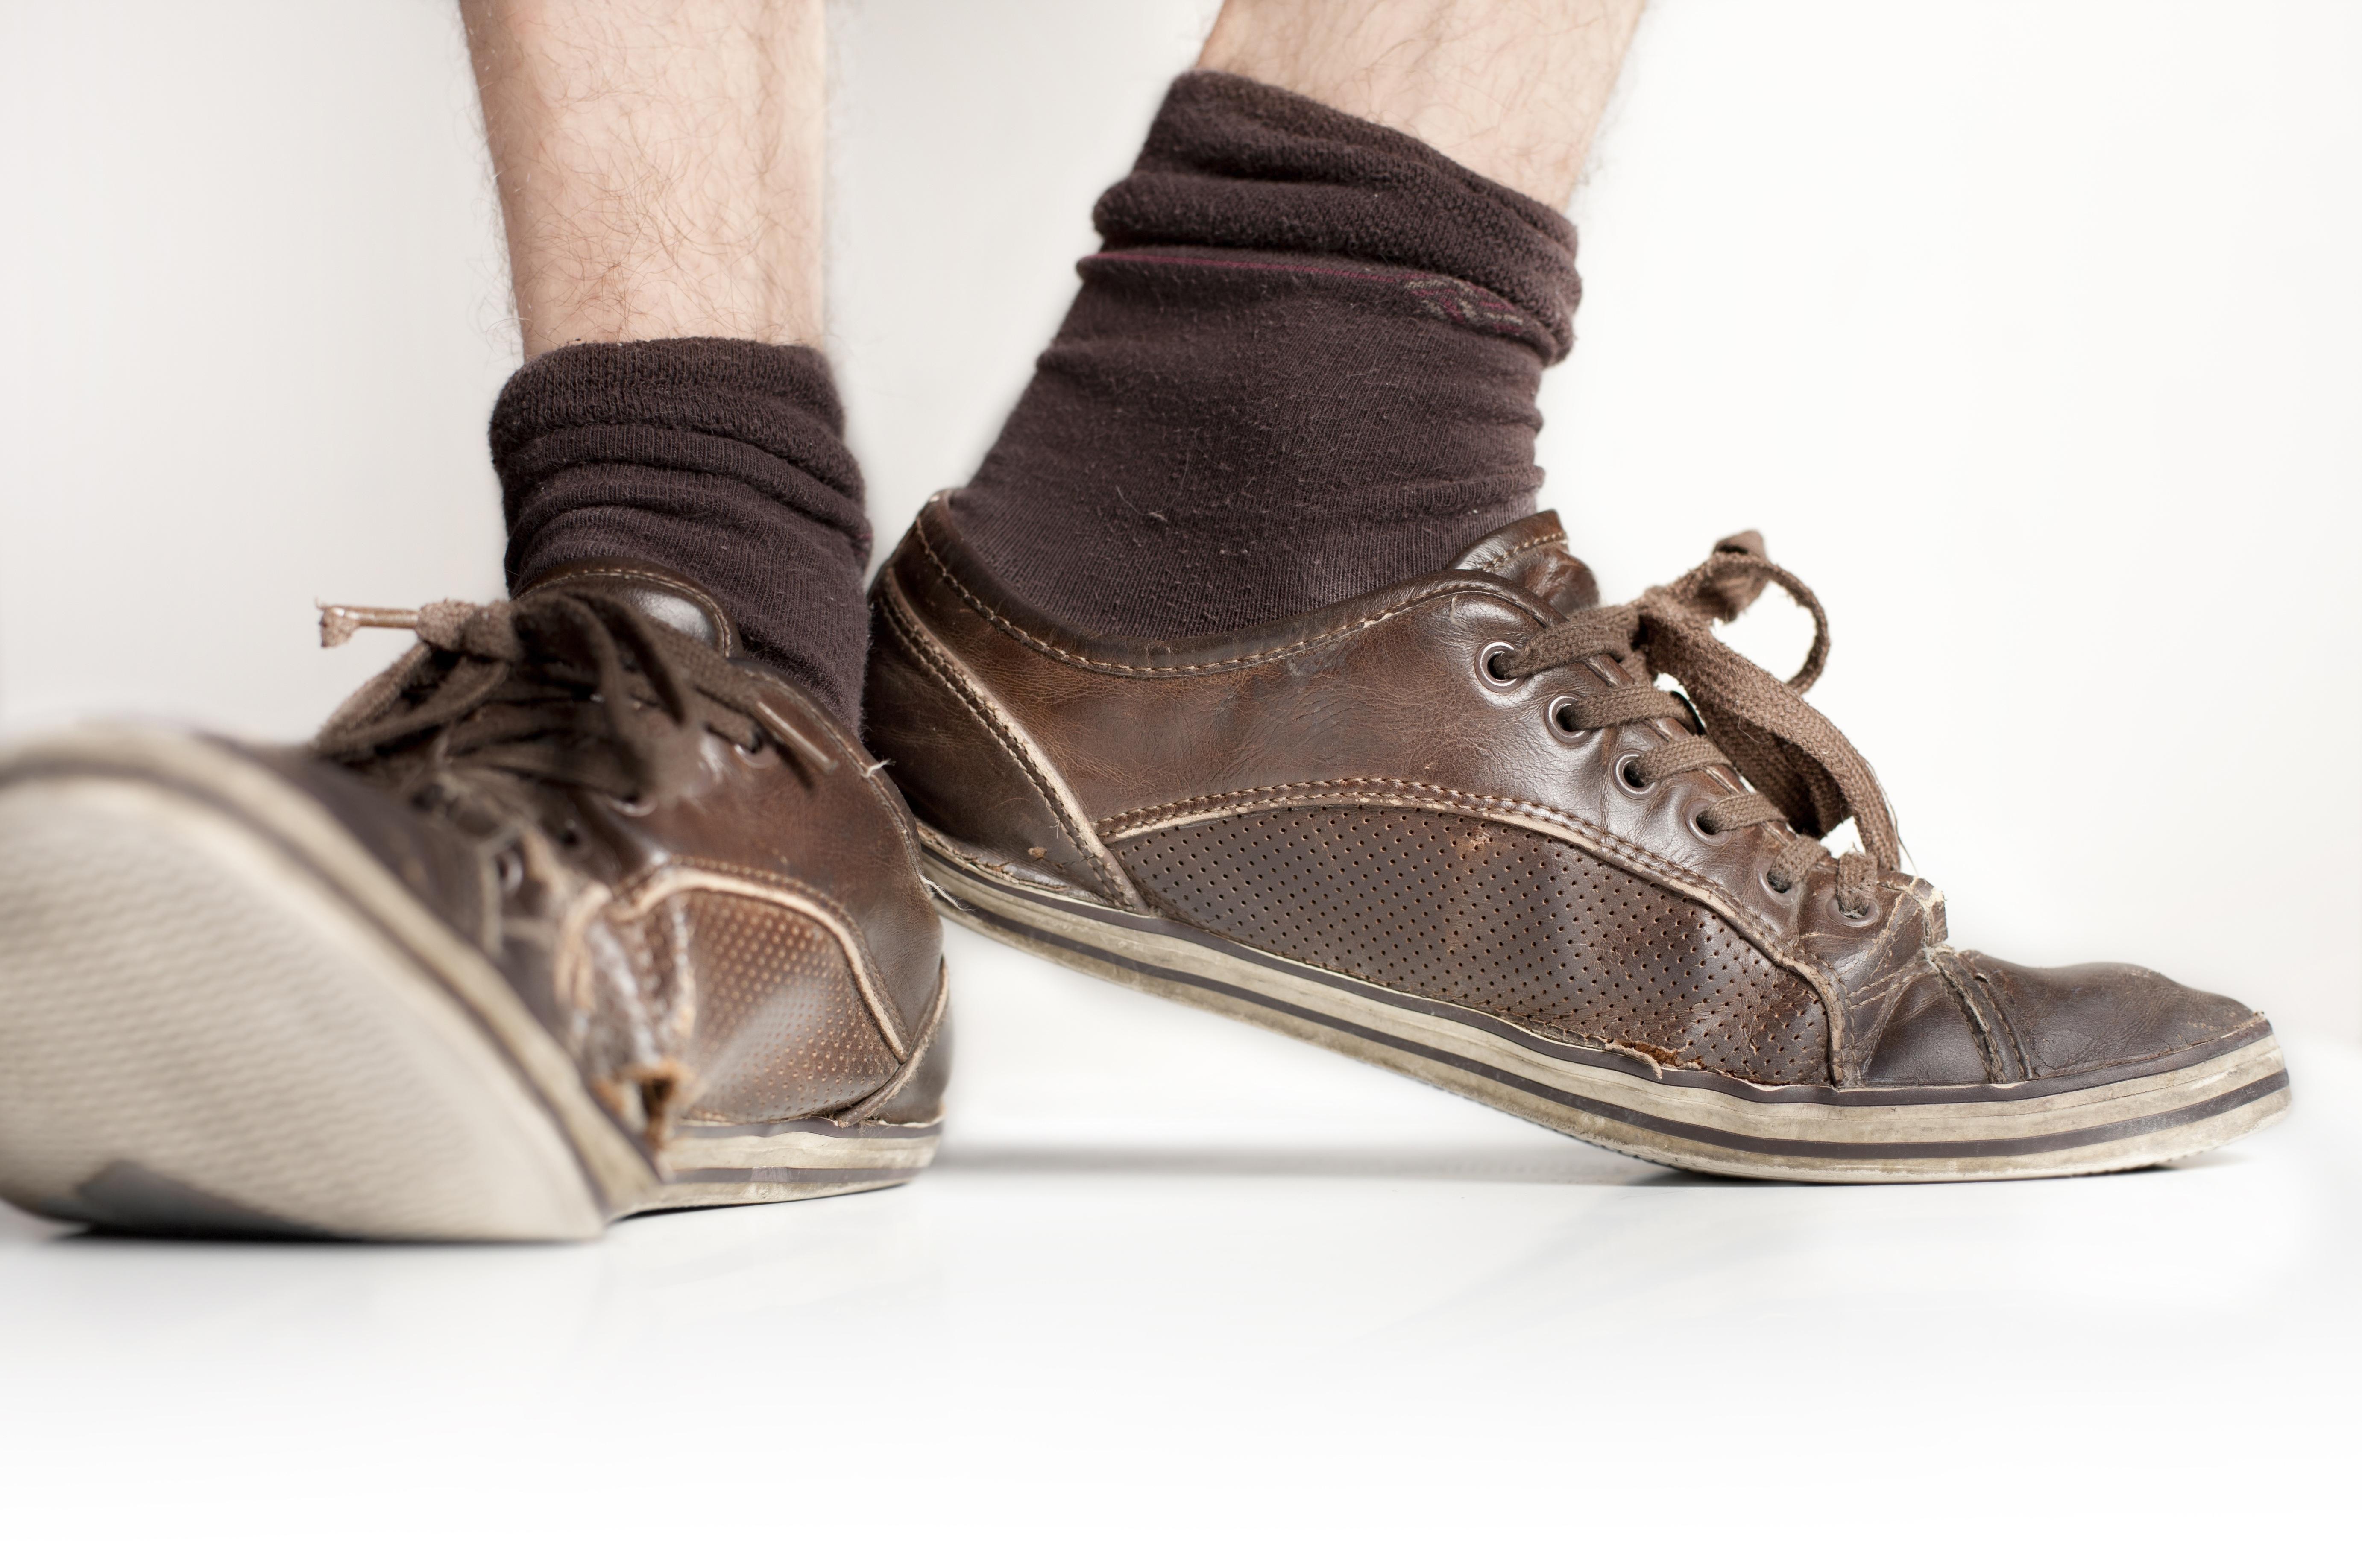 Fotos gratis  hombre, masculino, zapato, cuero, Retro, Pies, masculino, hombre, bota f25f84